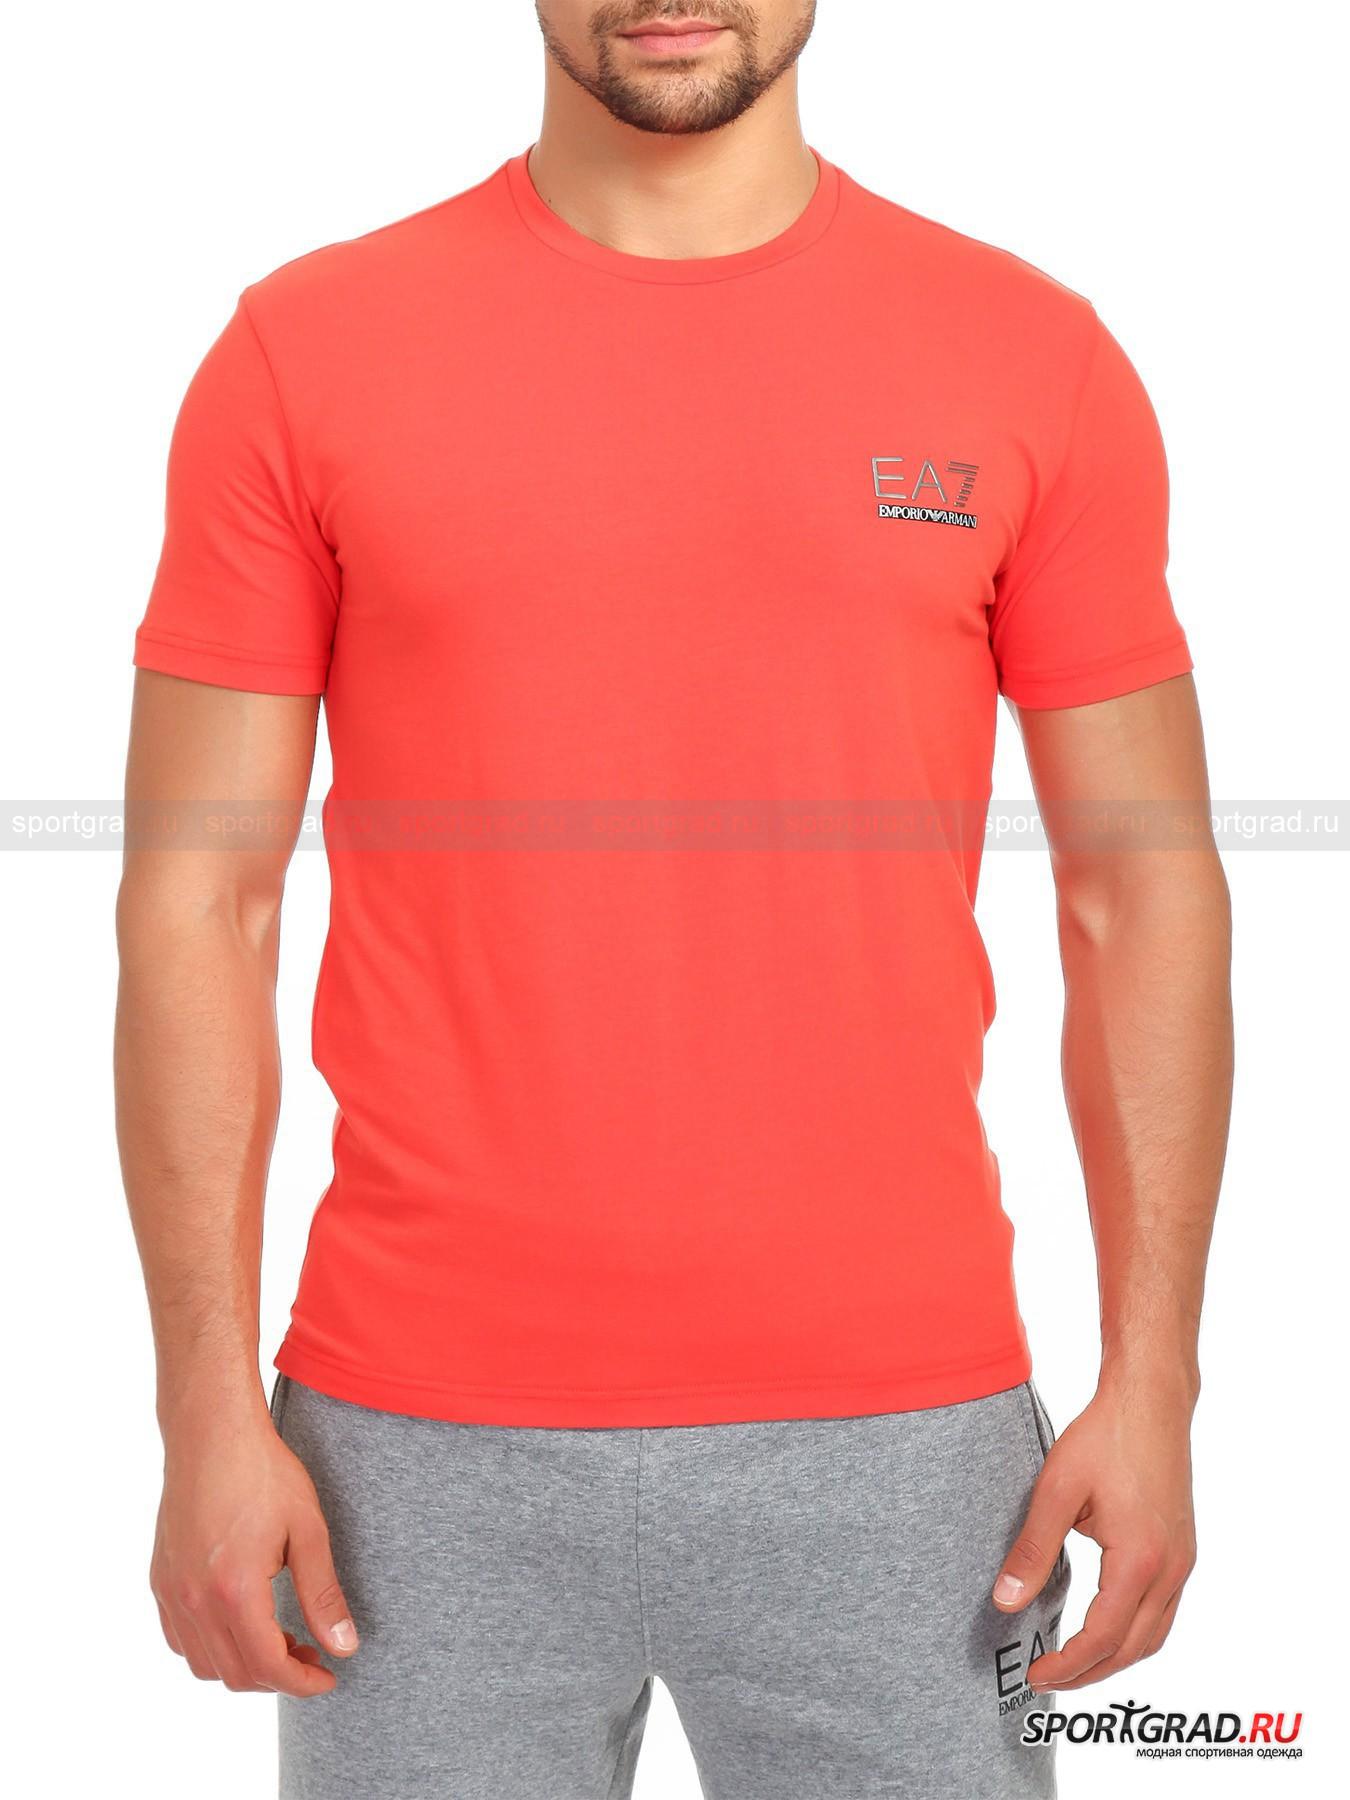 Футболка мужская EMPORIO ARMANIФутболки<br>Классическая футболка свободного кроя EA7 Emporio Armani, сшитая из плотной хлопковой ткани – это, пожалуй, самая универсальная вещь в гардеробе современного мужчины. В ней можно как заниматься спортом, так и использовать для повседневной носки: мягкий хлопок марки премиум отлично дышит, приятен телу и не требует дополнительного ухода. Грудь данной модели украшена небольшим резиновым принтом с именем и  логотипом бренда EA7 Emporio Armani – стильным дополнением к этому лаконичному спортивному образу.<br><br>Пол: Мужской<br>Возраст: Взрослый<br>Тип: Футболки<br>Рекомендации по уходу: Деликатная ручная стирка при 30 градусах, щадящий ручной отжим, гладить при температуре до 110 градусов, вывернув наизнанку.<br>Состав: 95% хлопок, 5% эластан